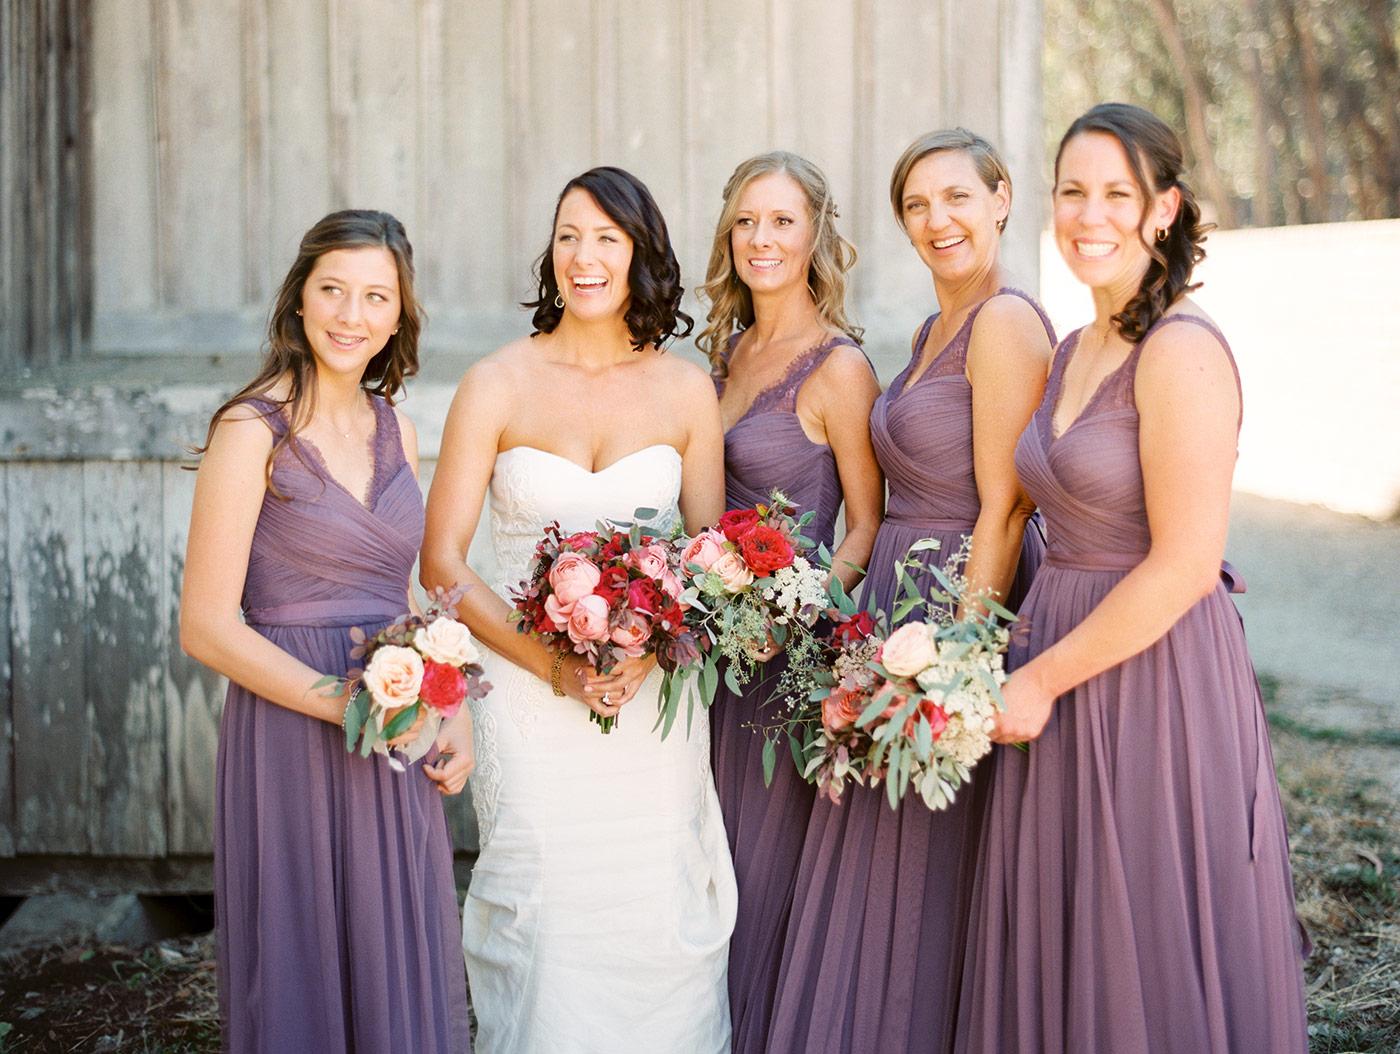 Bride & Bridesmaids before wedding